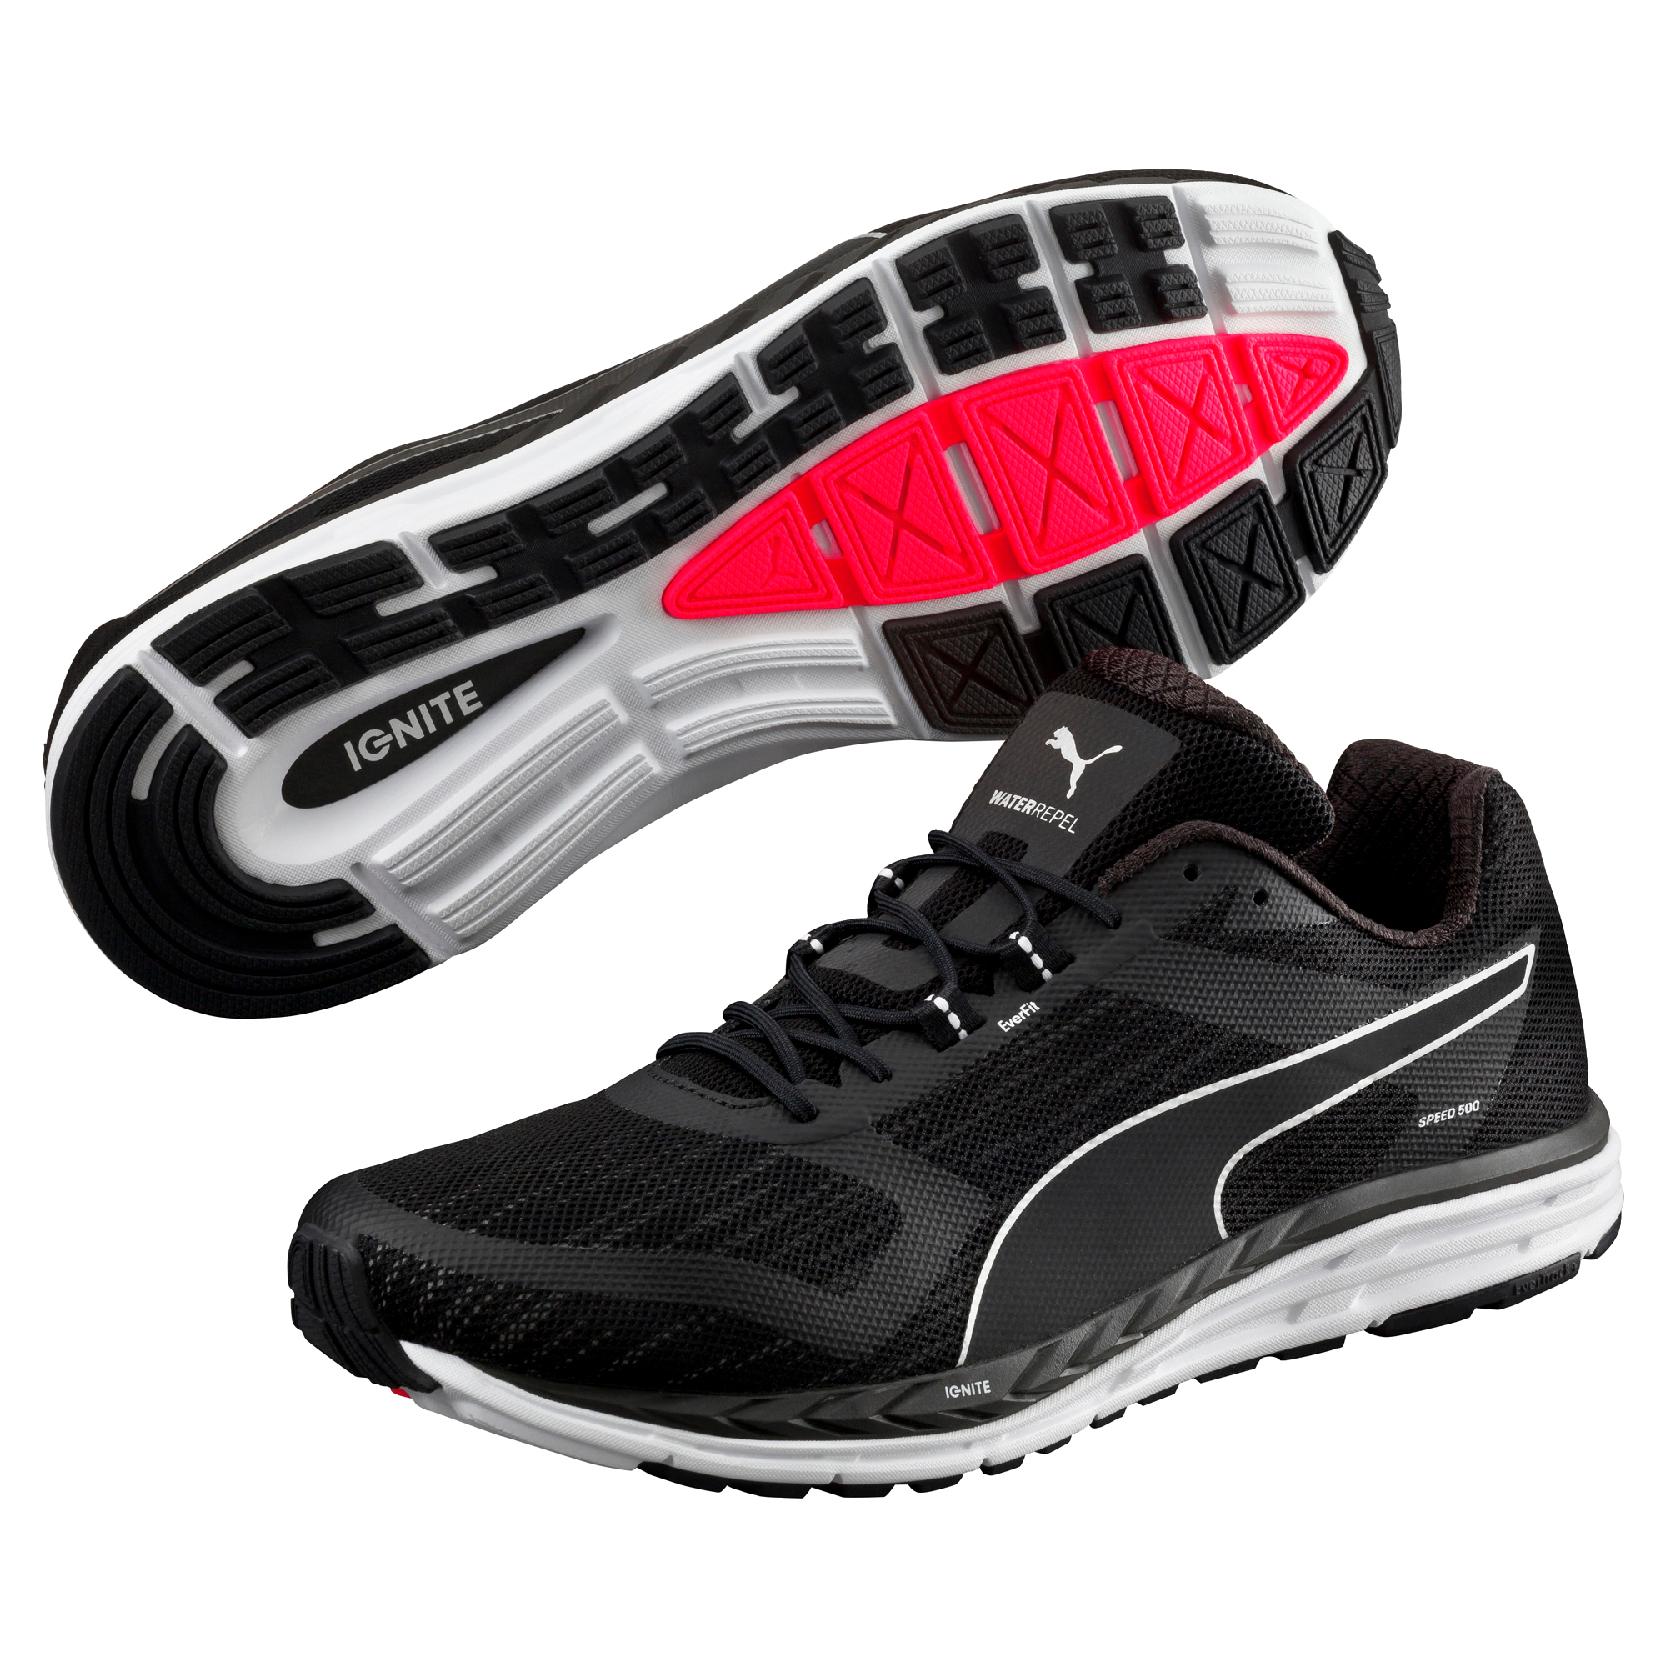 Puma Ignite Running Shoes Price